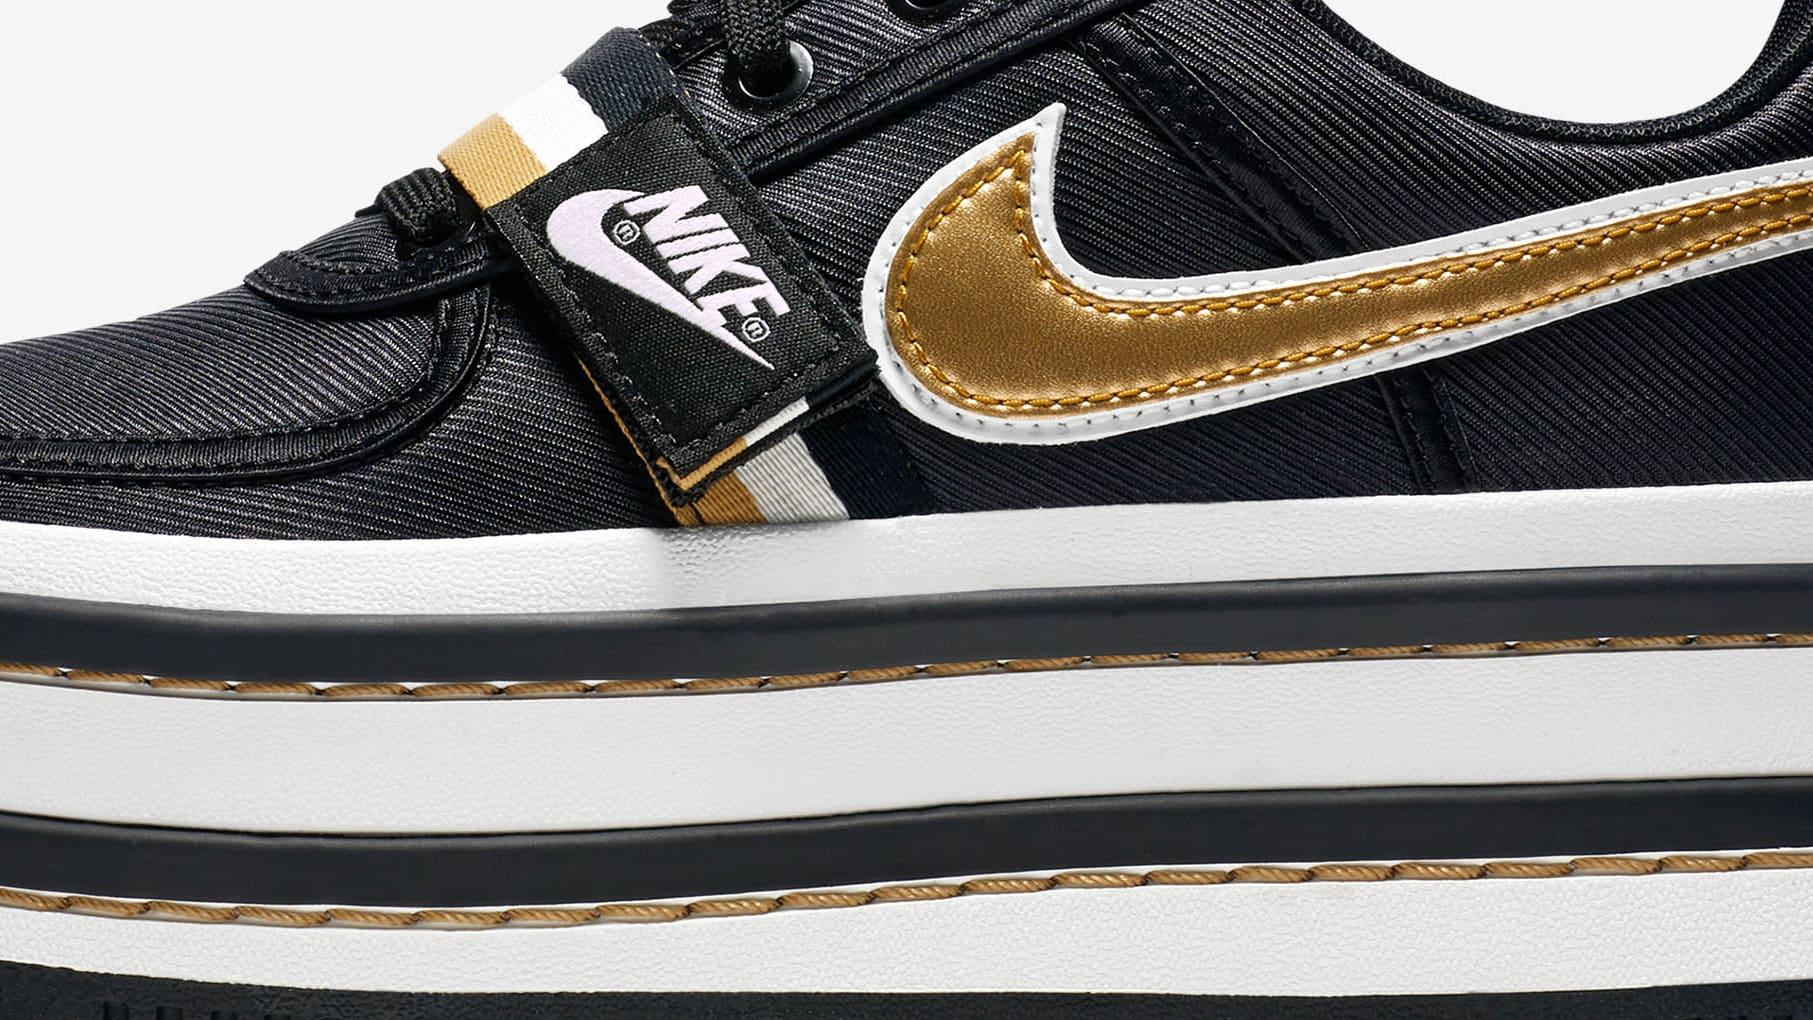 Image via Nike nike vandal 2k  black gold  22f46c356